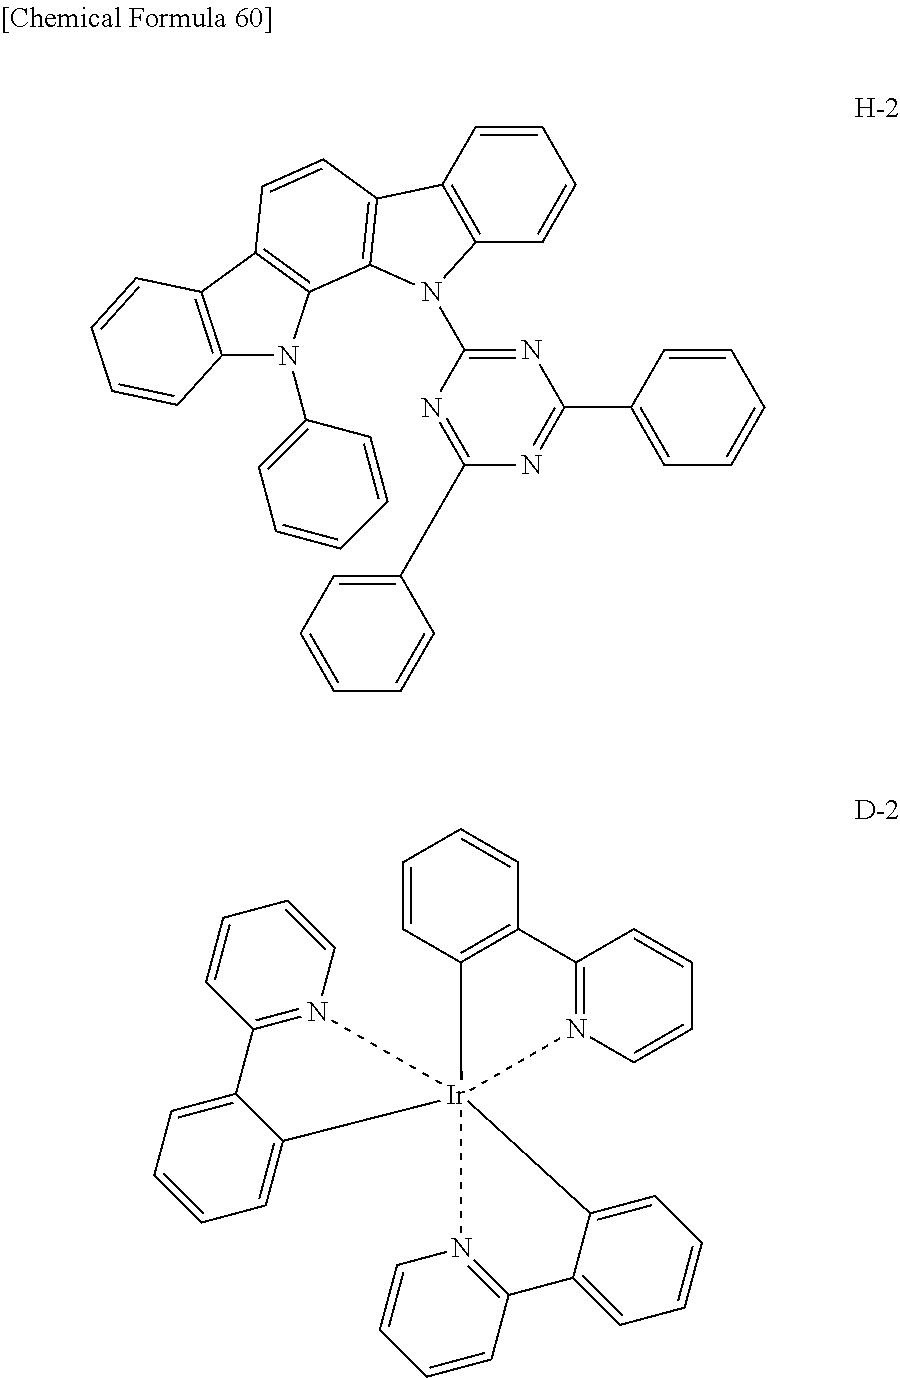 Figure US20150280139A1-20151001-C00148